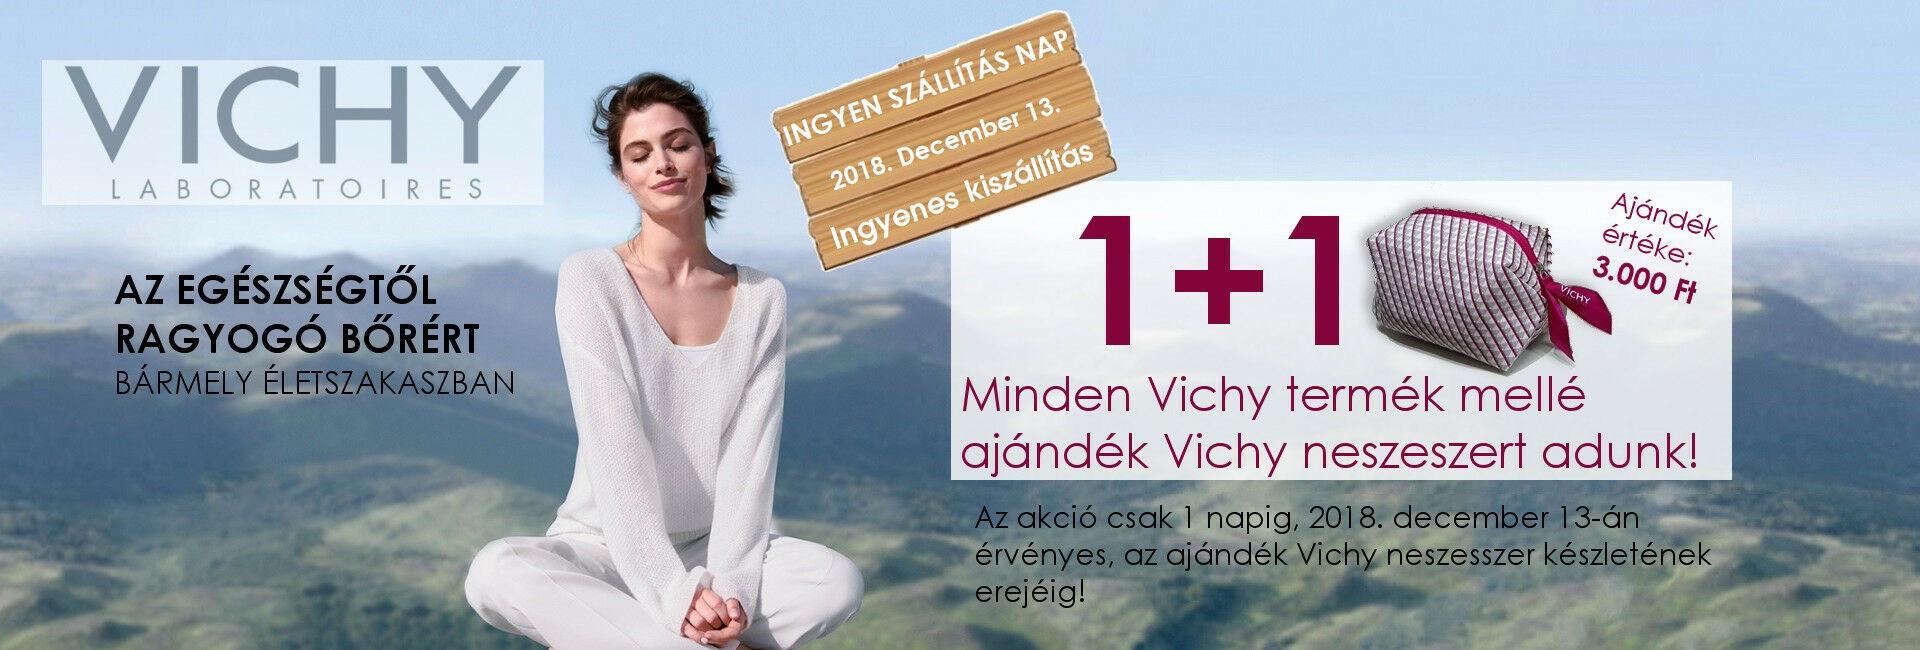 2018.december 13-án minden Vichy termék mellé ajándékba adunk 1db exkluzív Vichy neszesszert!